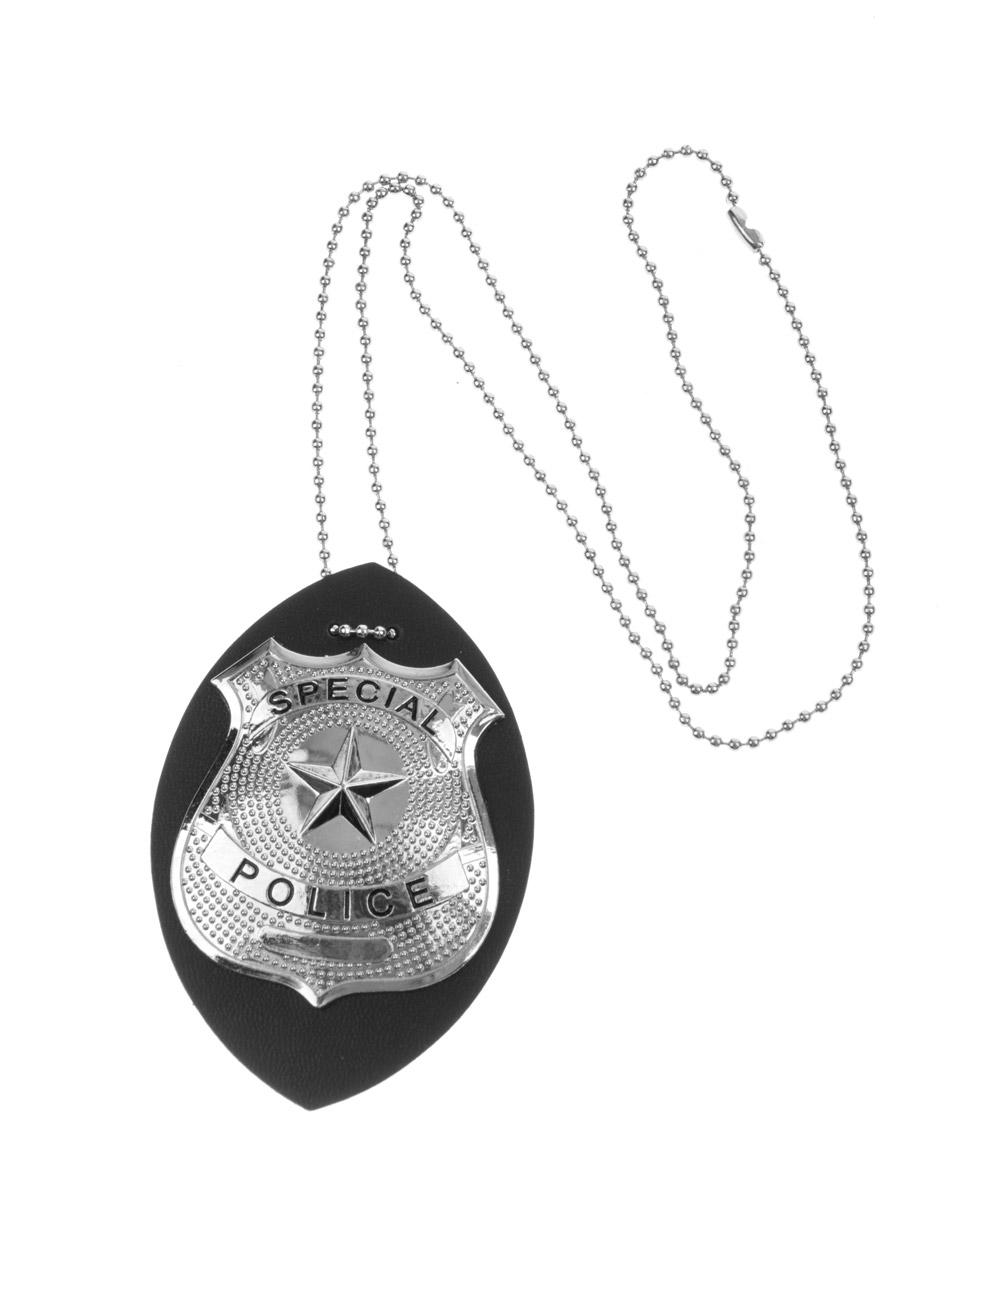 Kostuemzubehor Polizeimarke zum Umhaengen Farbe: schwarz/silber